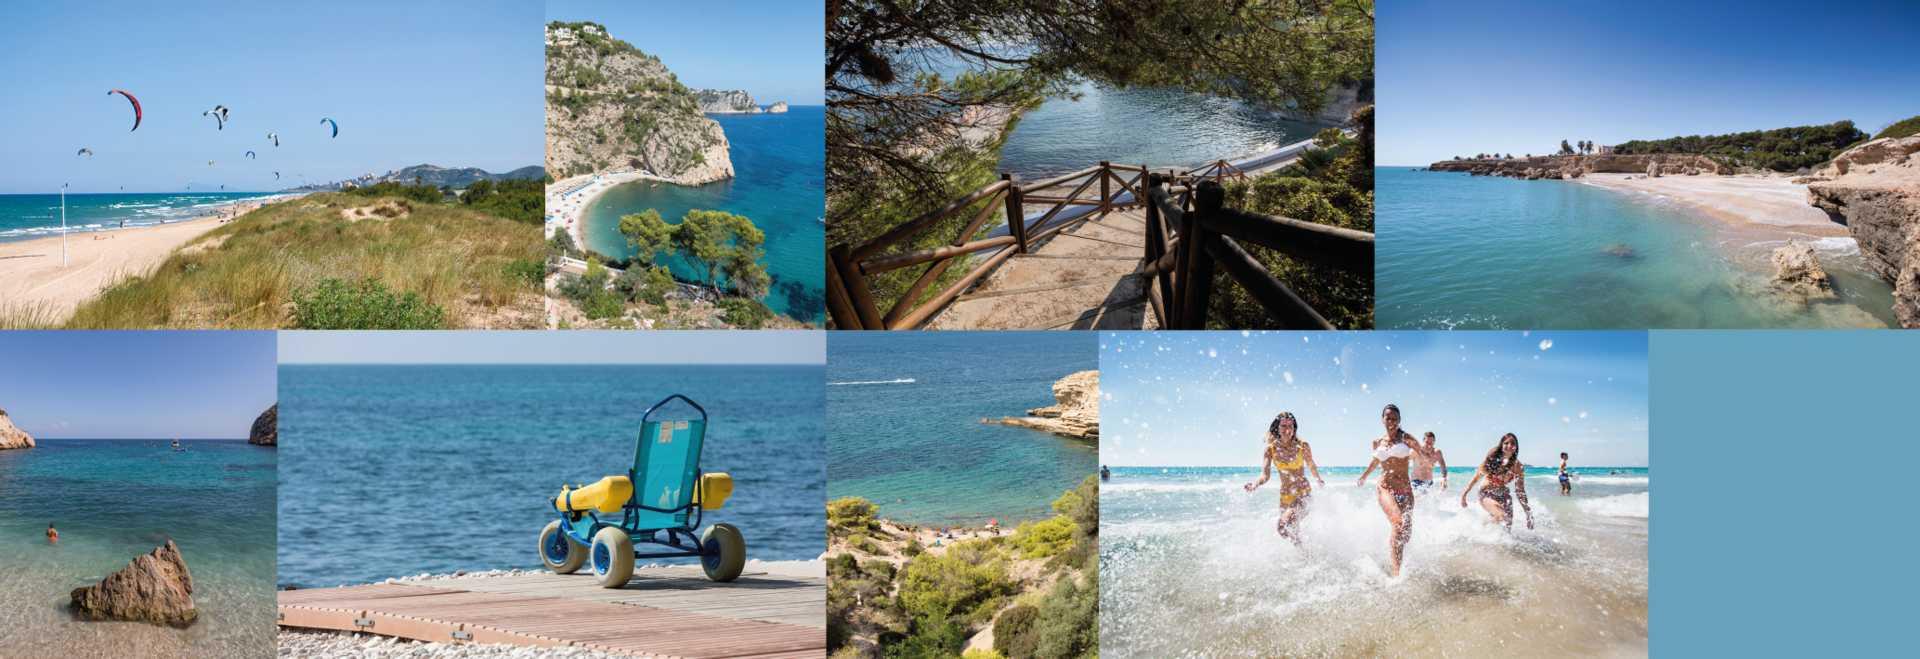 Vacaciones en playas Comunidad Valenciana(1a semana Julio)